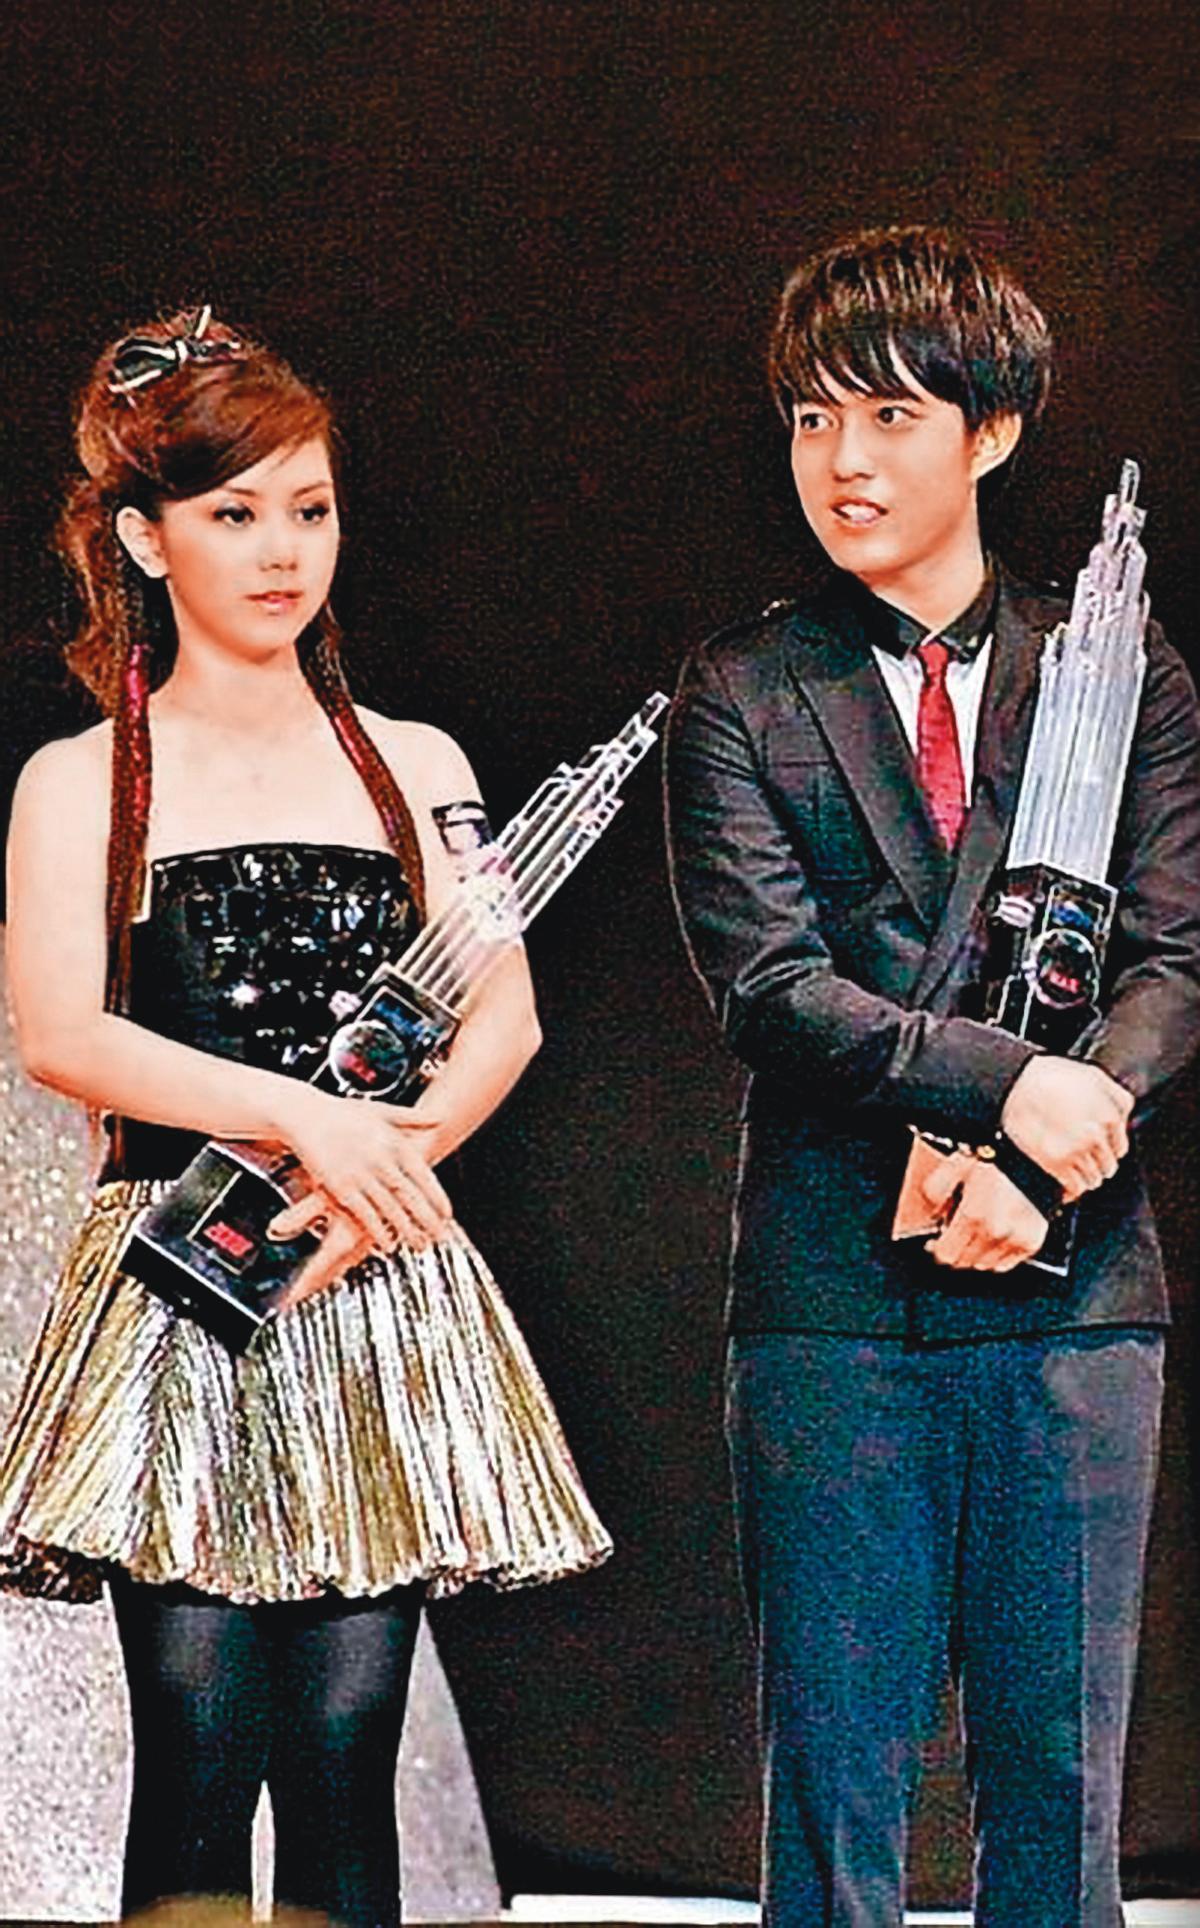 鄧紫棋(左)和林宥嘉(右)是同時期出道,兩人在2010年首次曝光戀情,之後還出遊、牽手出席活動,「金童玉女」頗受娛樂圈看好,沒想到最後卻爆出分手。(翻攝自鄧紫棋臉書)